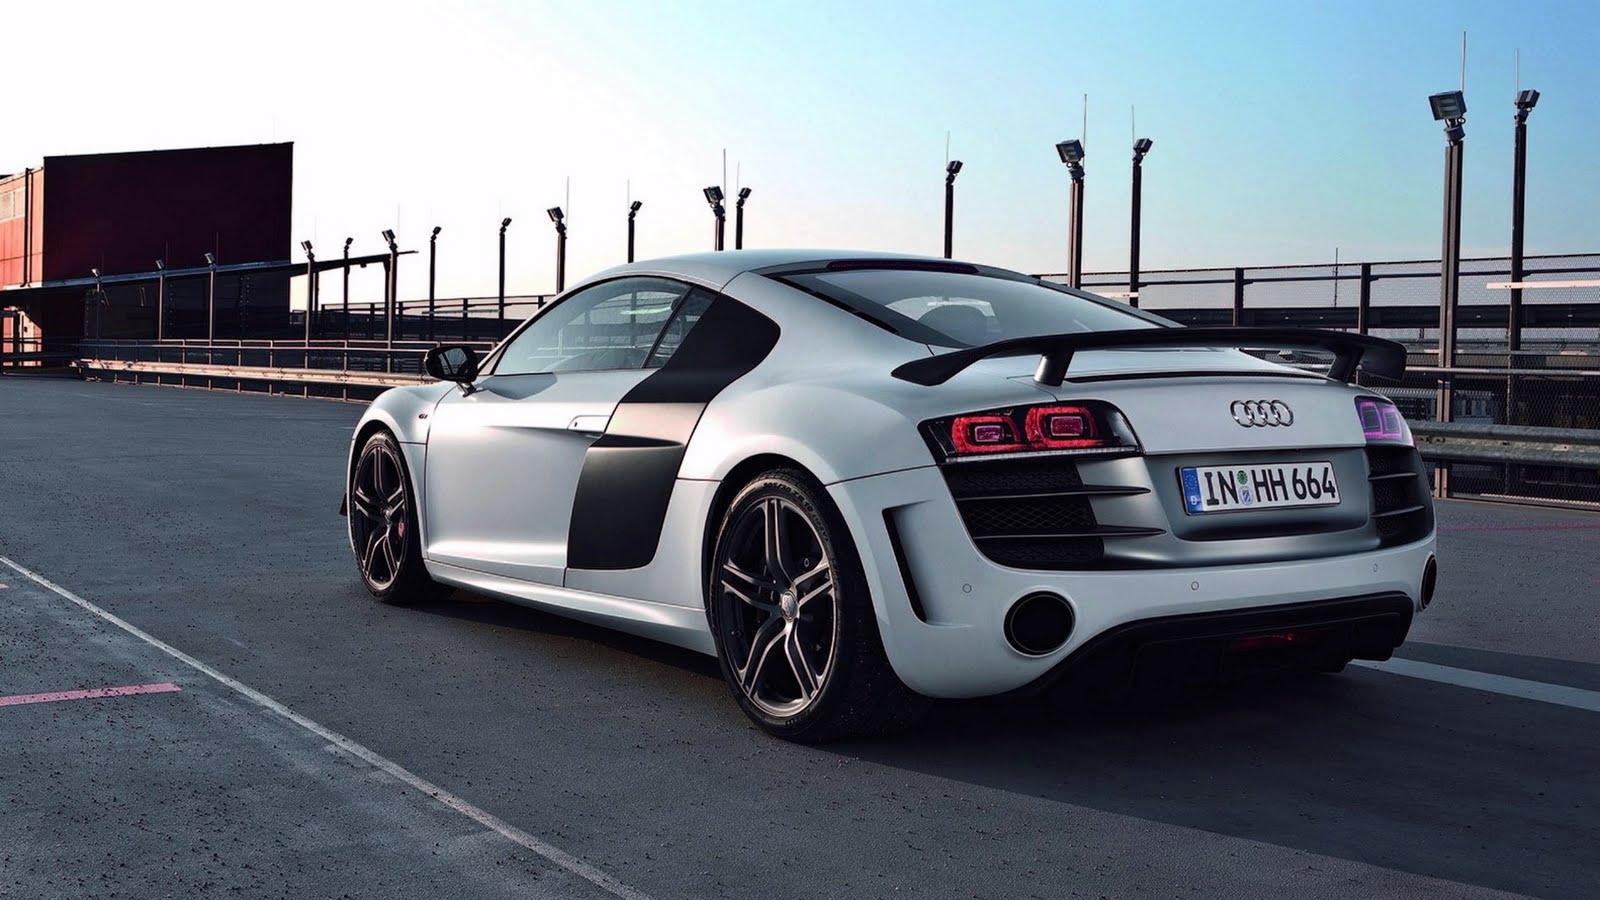 http://1.bp.blogspot.com/-zXRR2N2jLdQ/TlDAIR3jE2I/AAAAAAAAFVI/TAOQ56WJx5E/s1600/Audi+Car+HD+Wallpaper+1920+X+1080+294.jpg